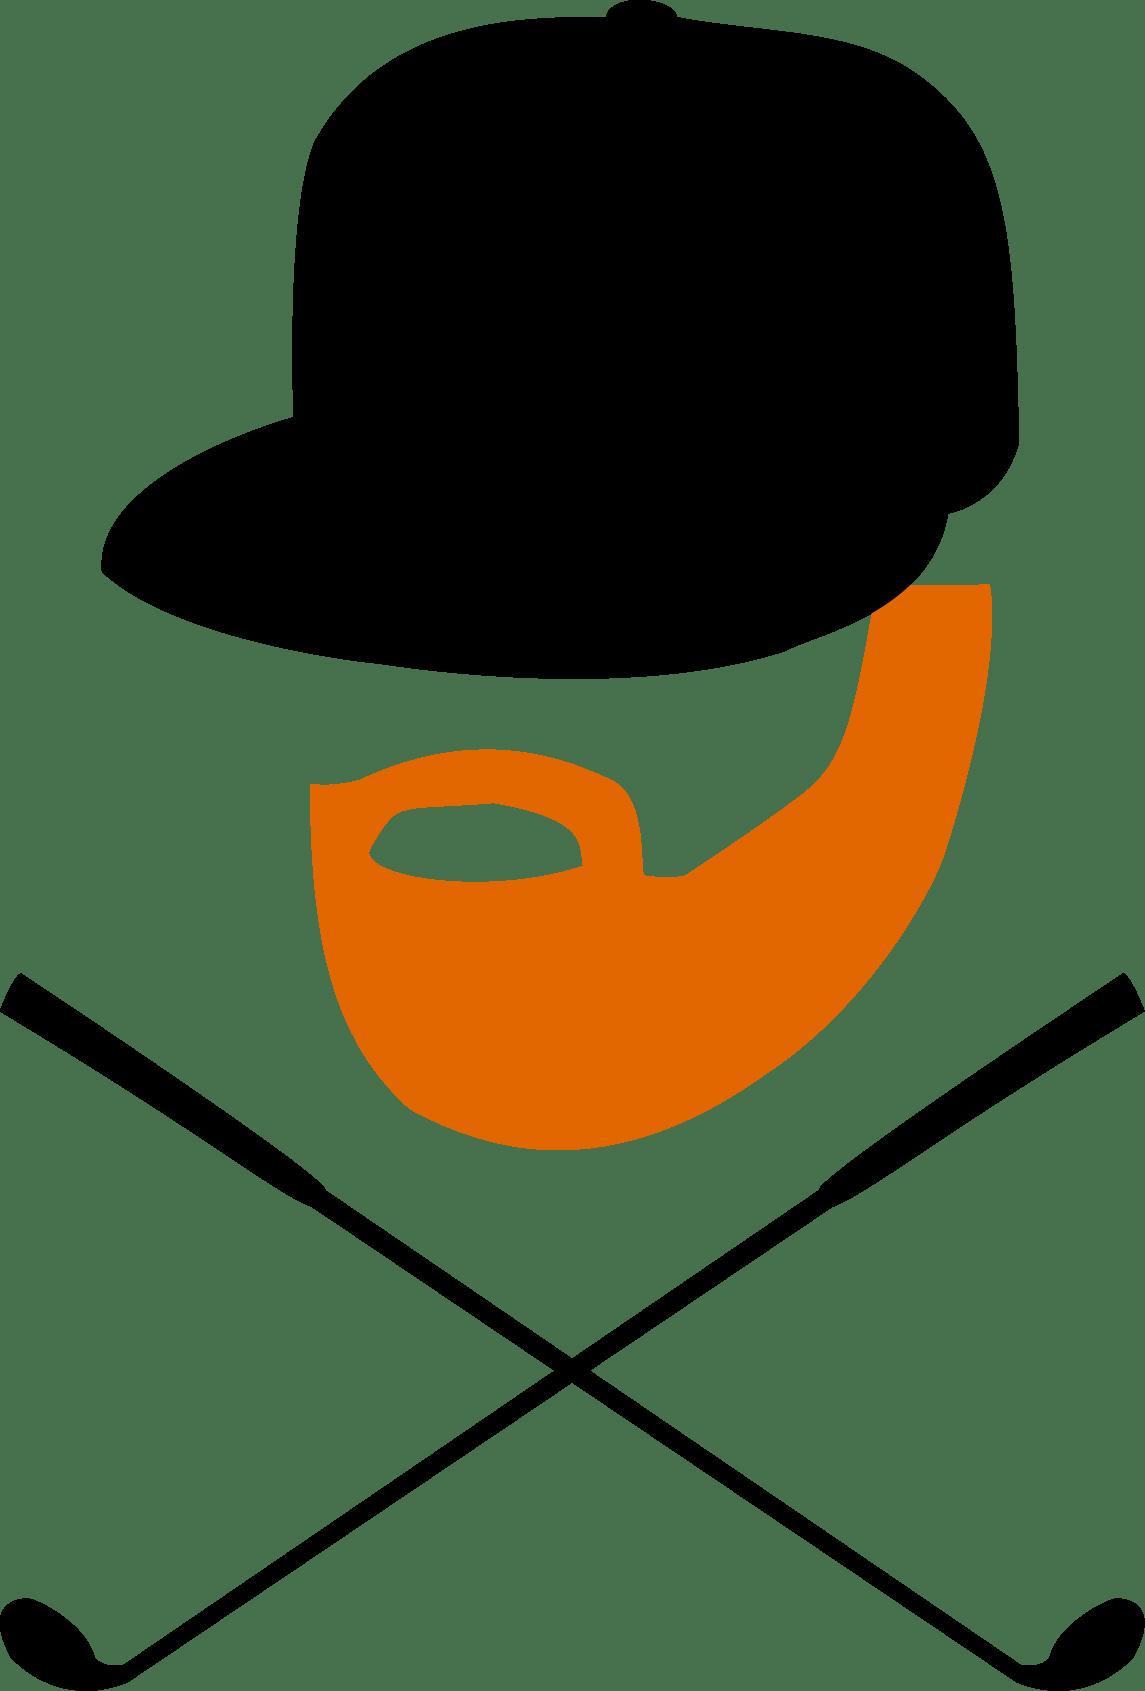 Transparent ginger beard clipart - Clip Art